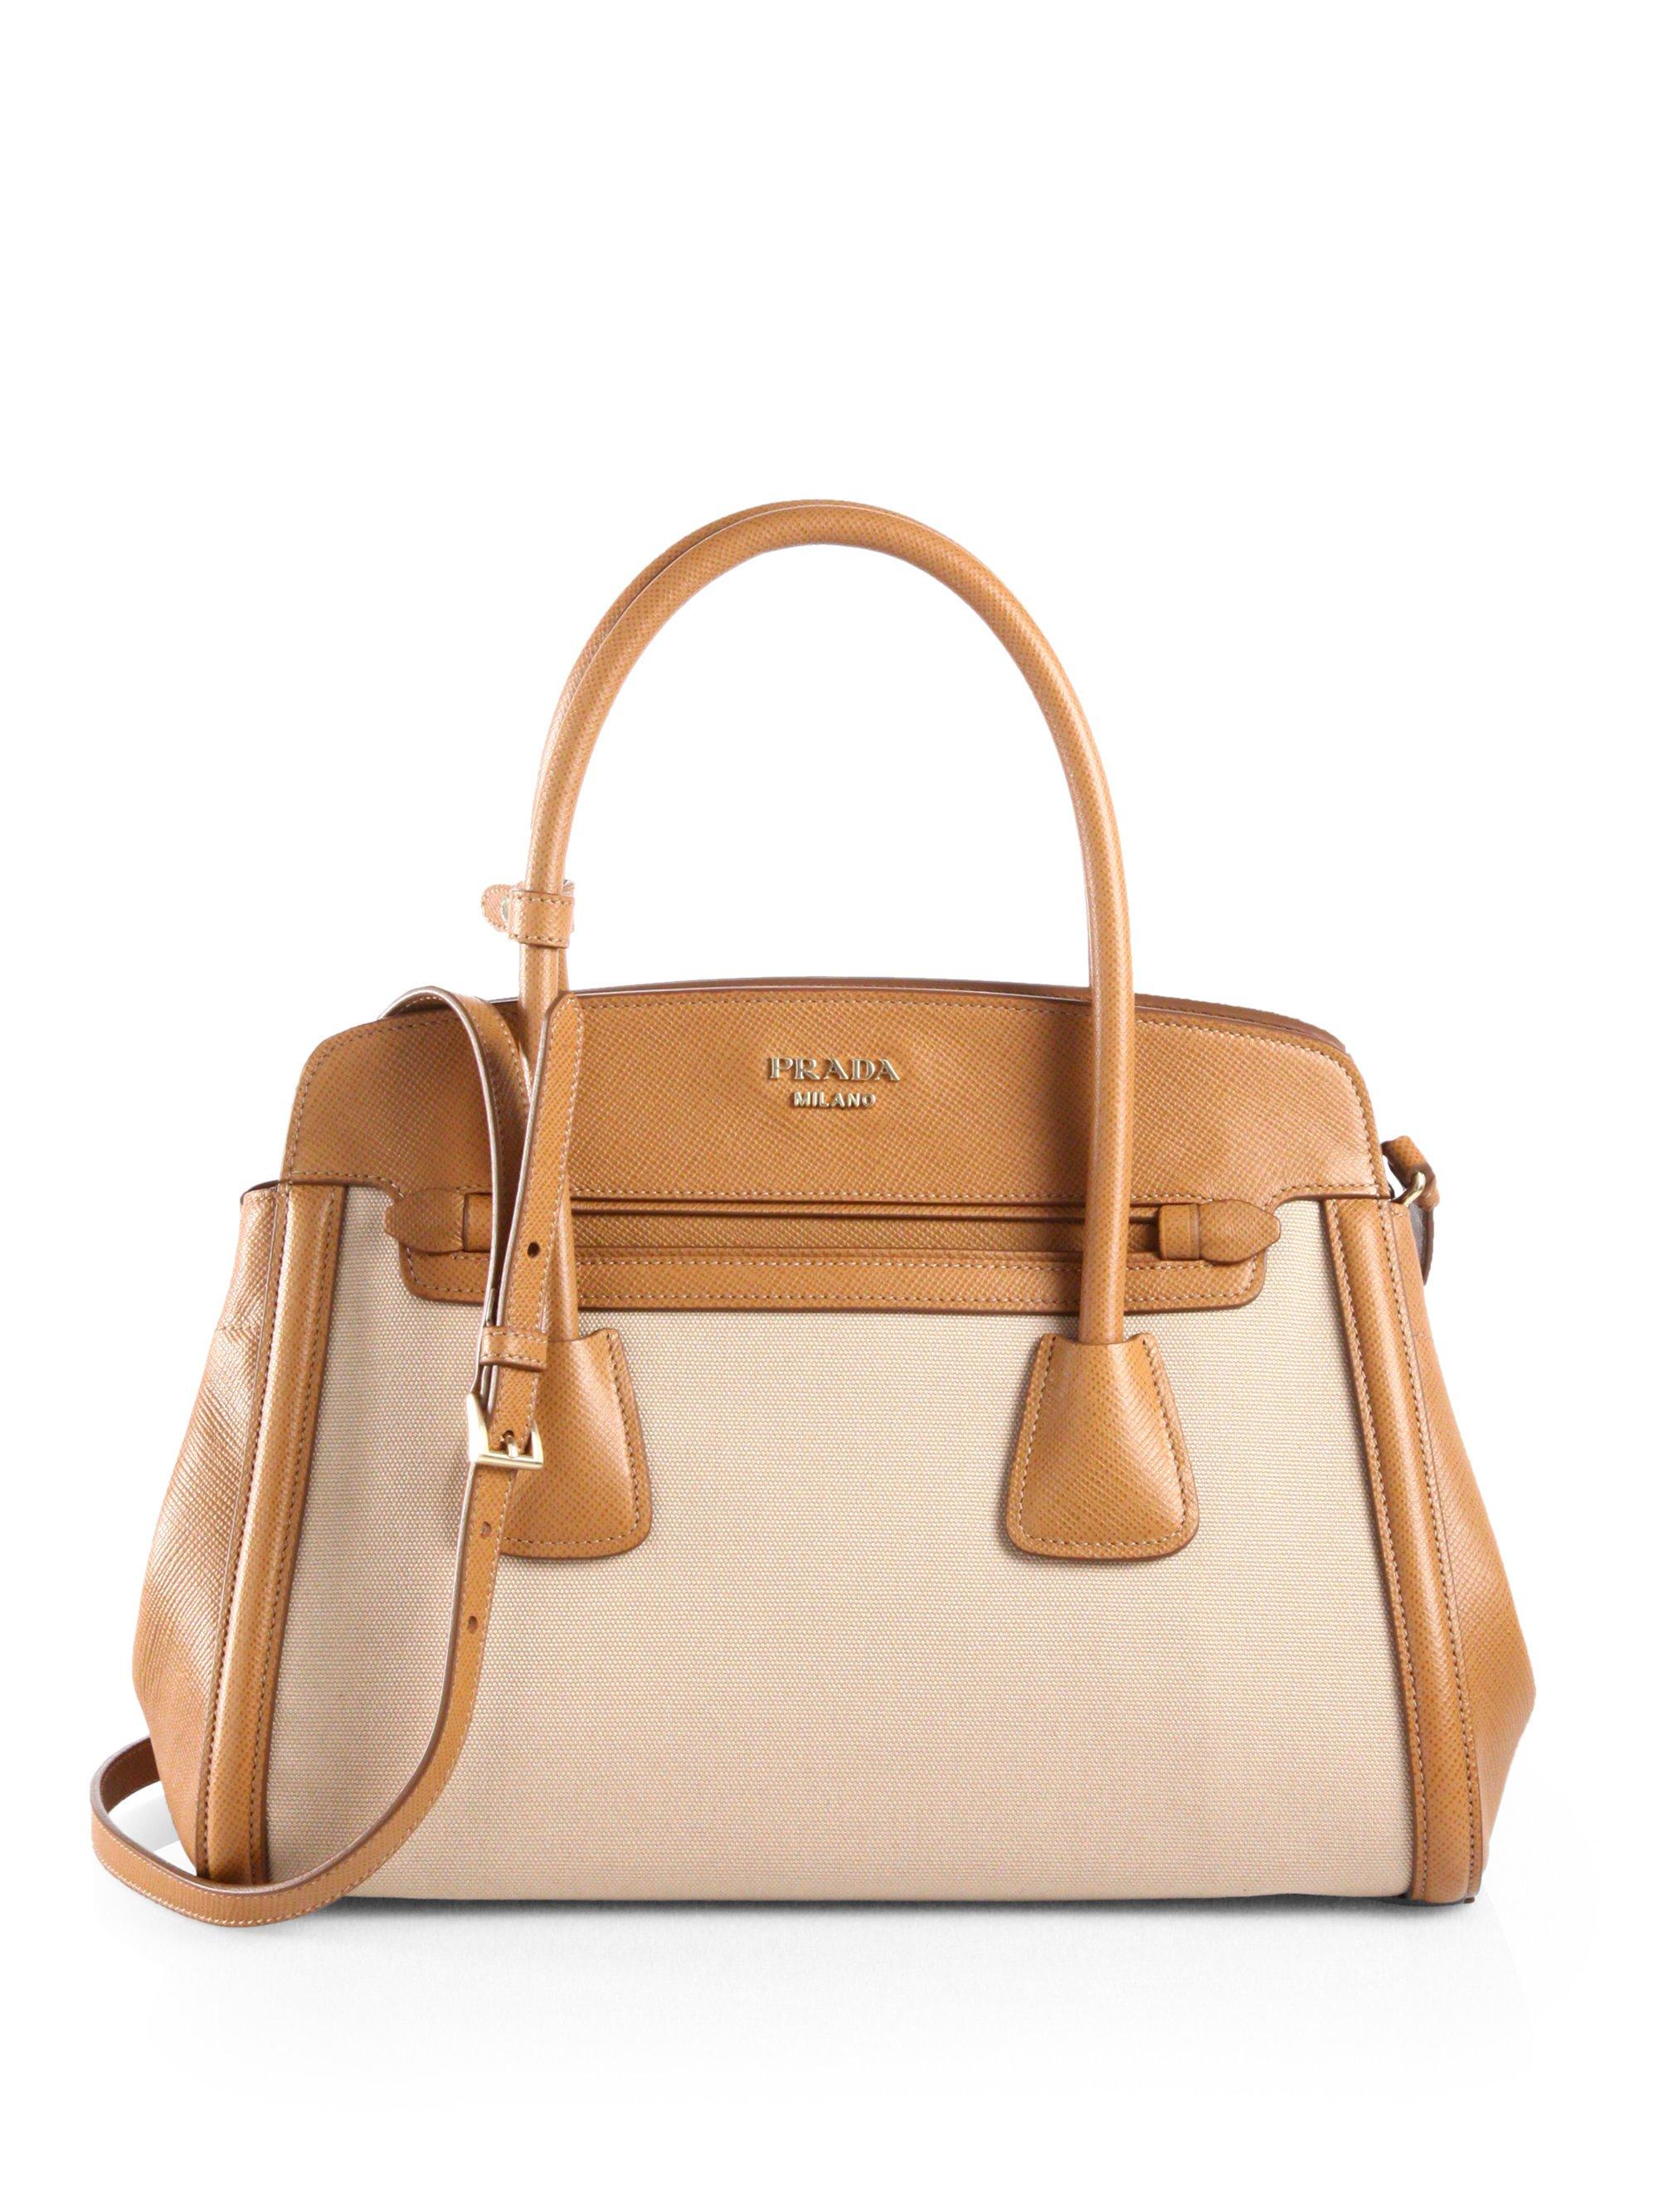 prada diaper bag outlet - prada saffiano calf leather satchel, buy fake prada bags